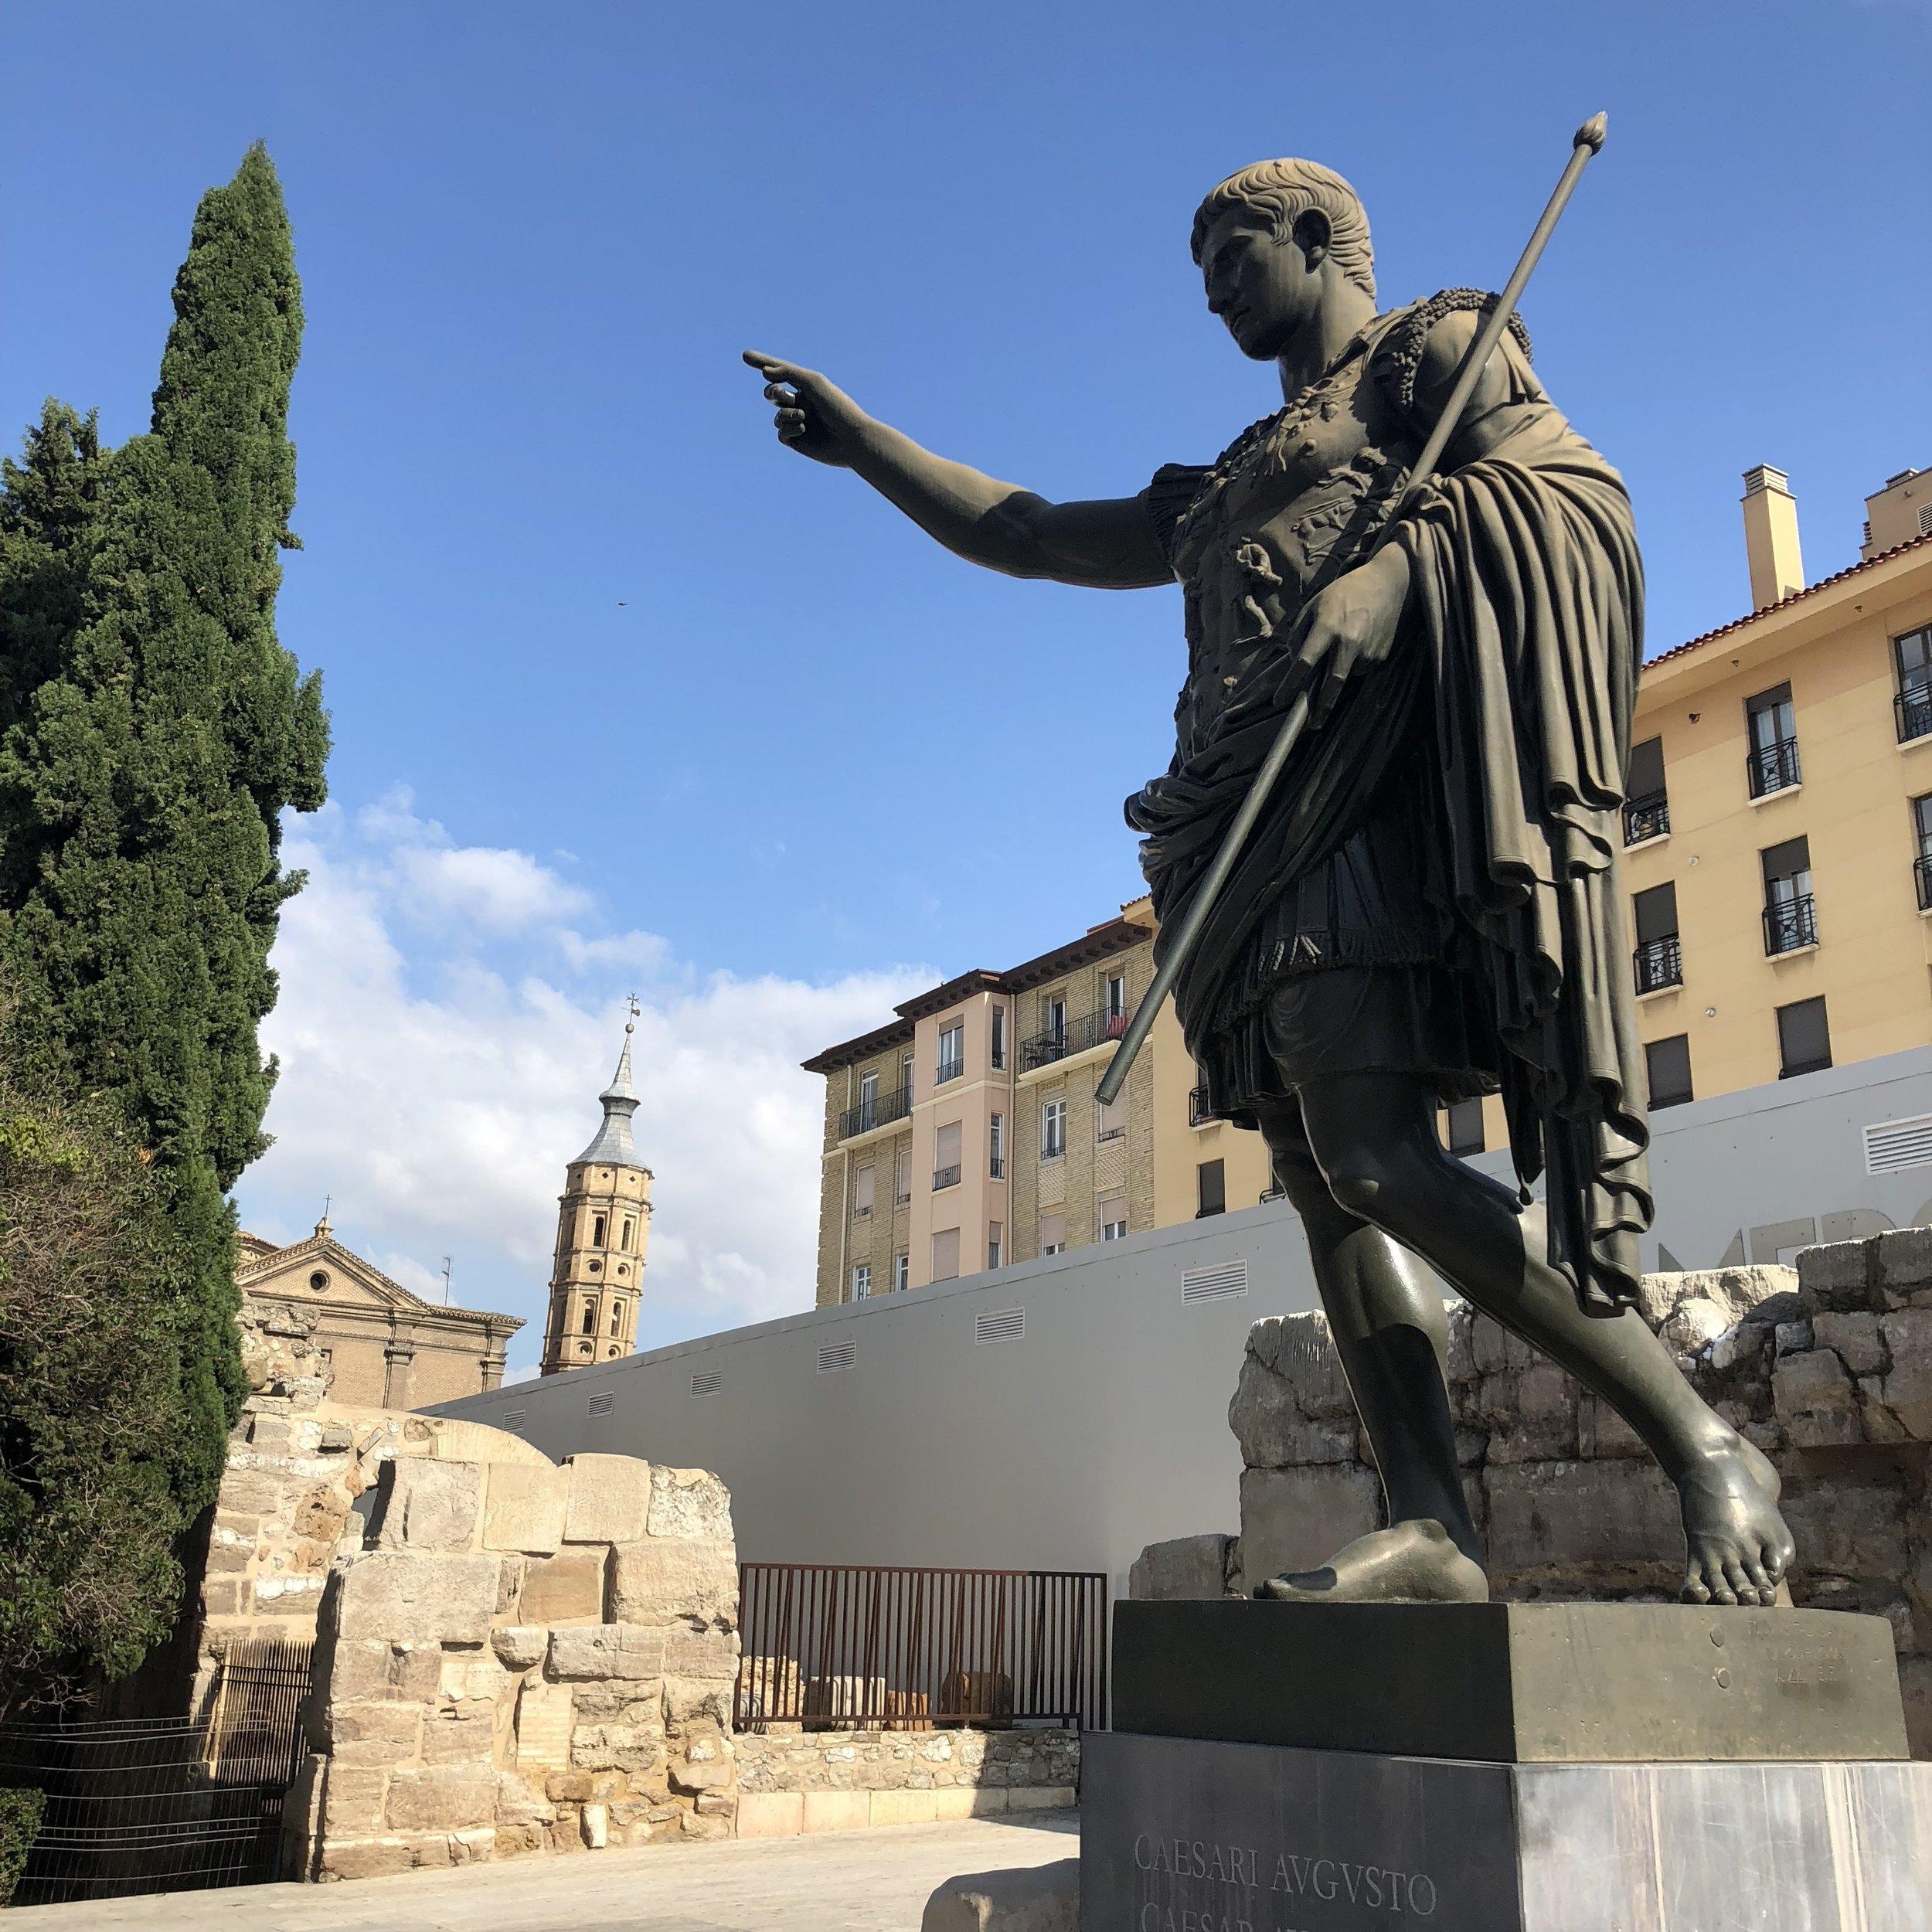 Augusto, primer emperador de Roma y fundador de Caesar Augusta, actual Zaragoza.